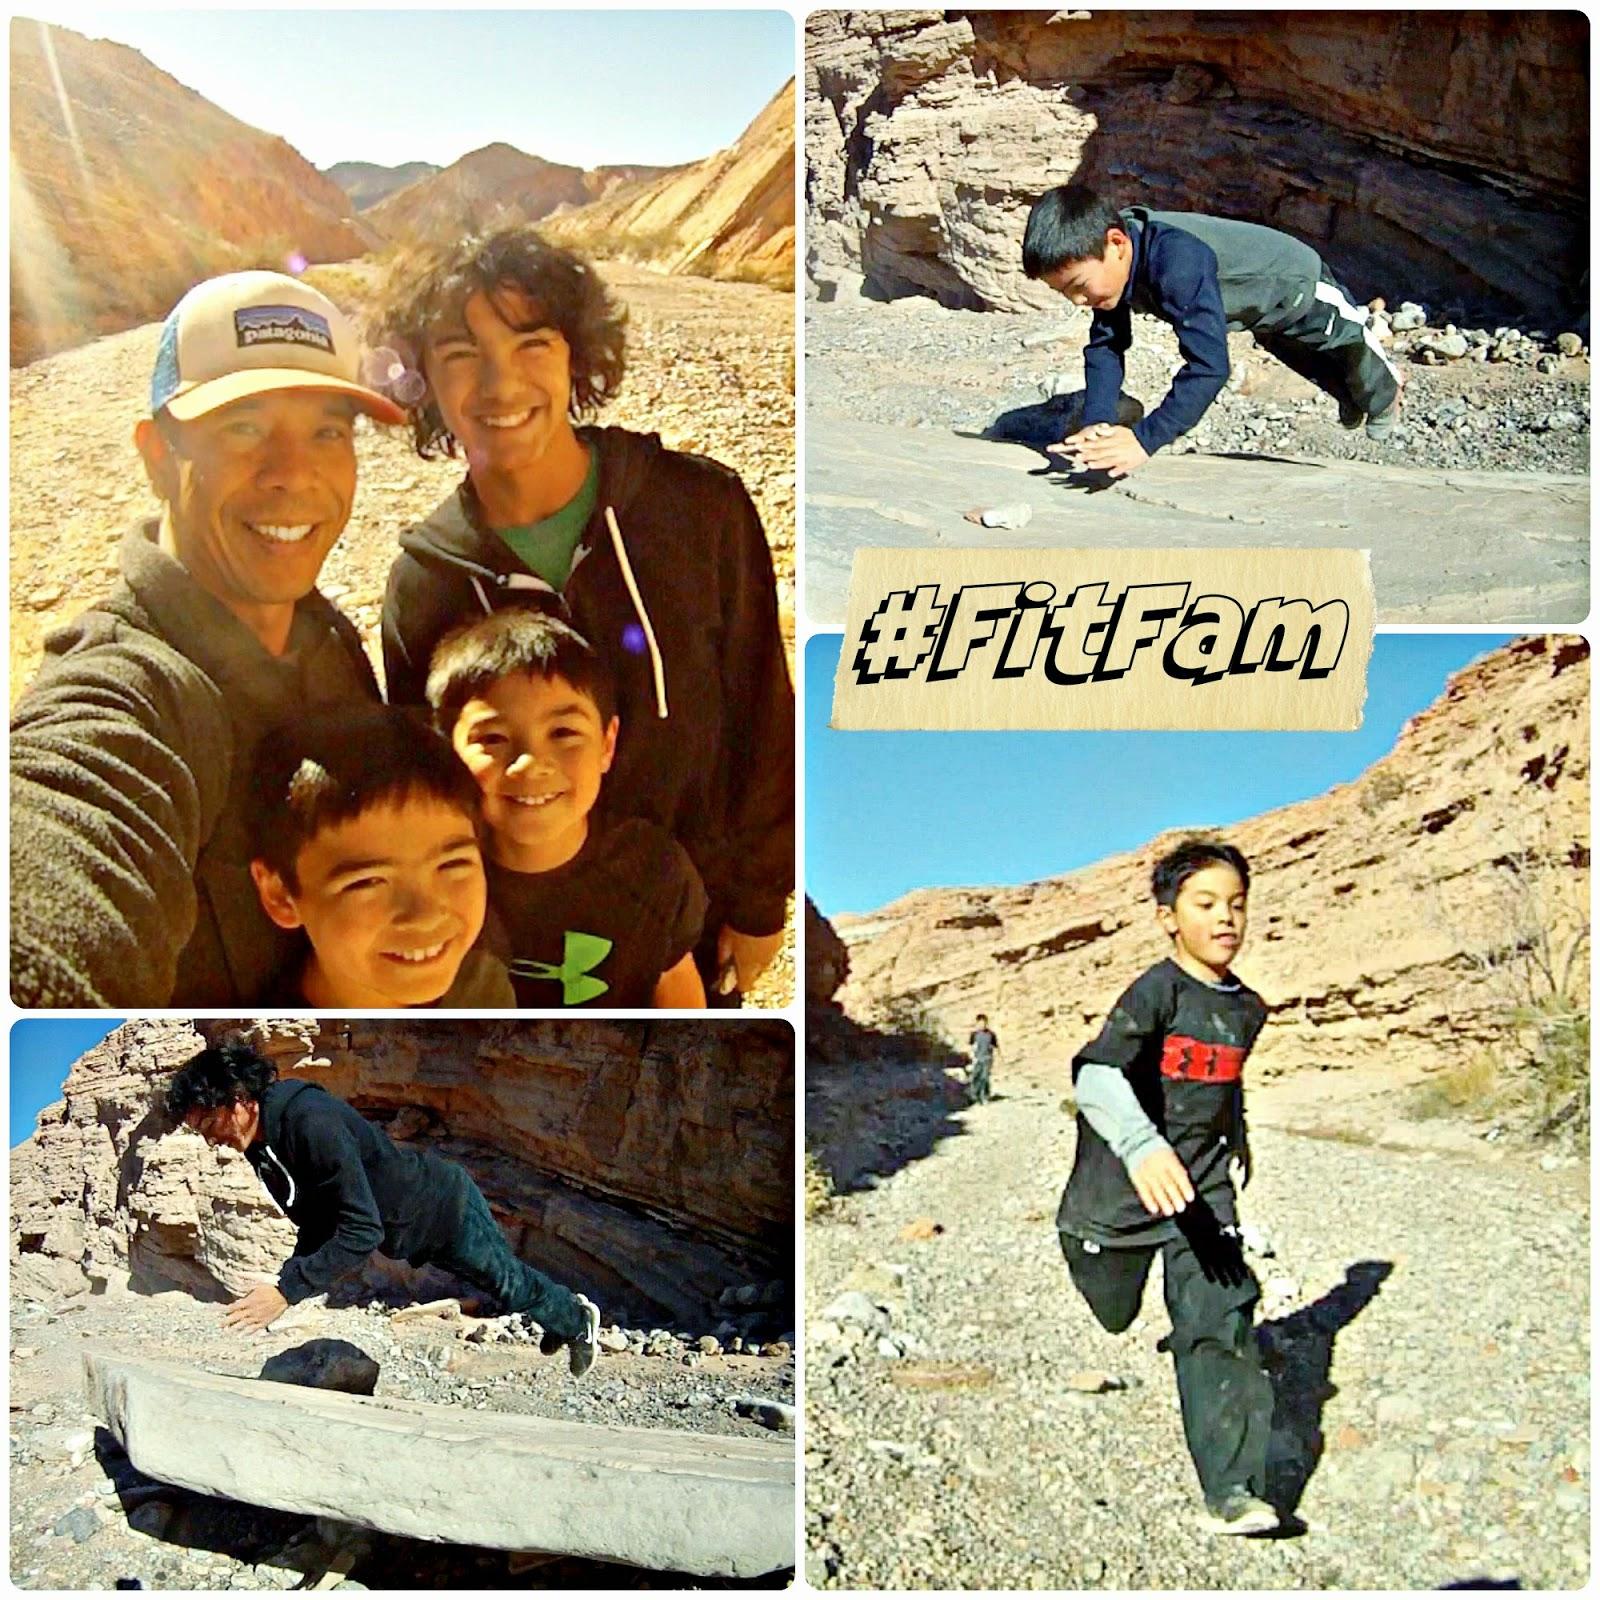 Hiking Muddy Mountains Wilderness - Las Vegas